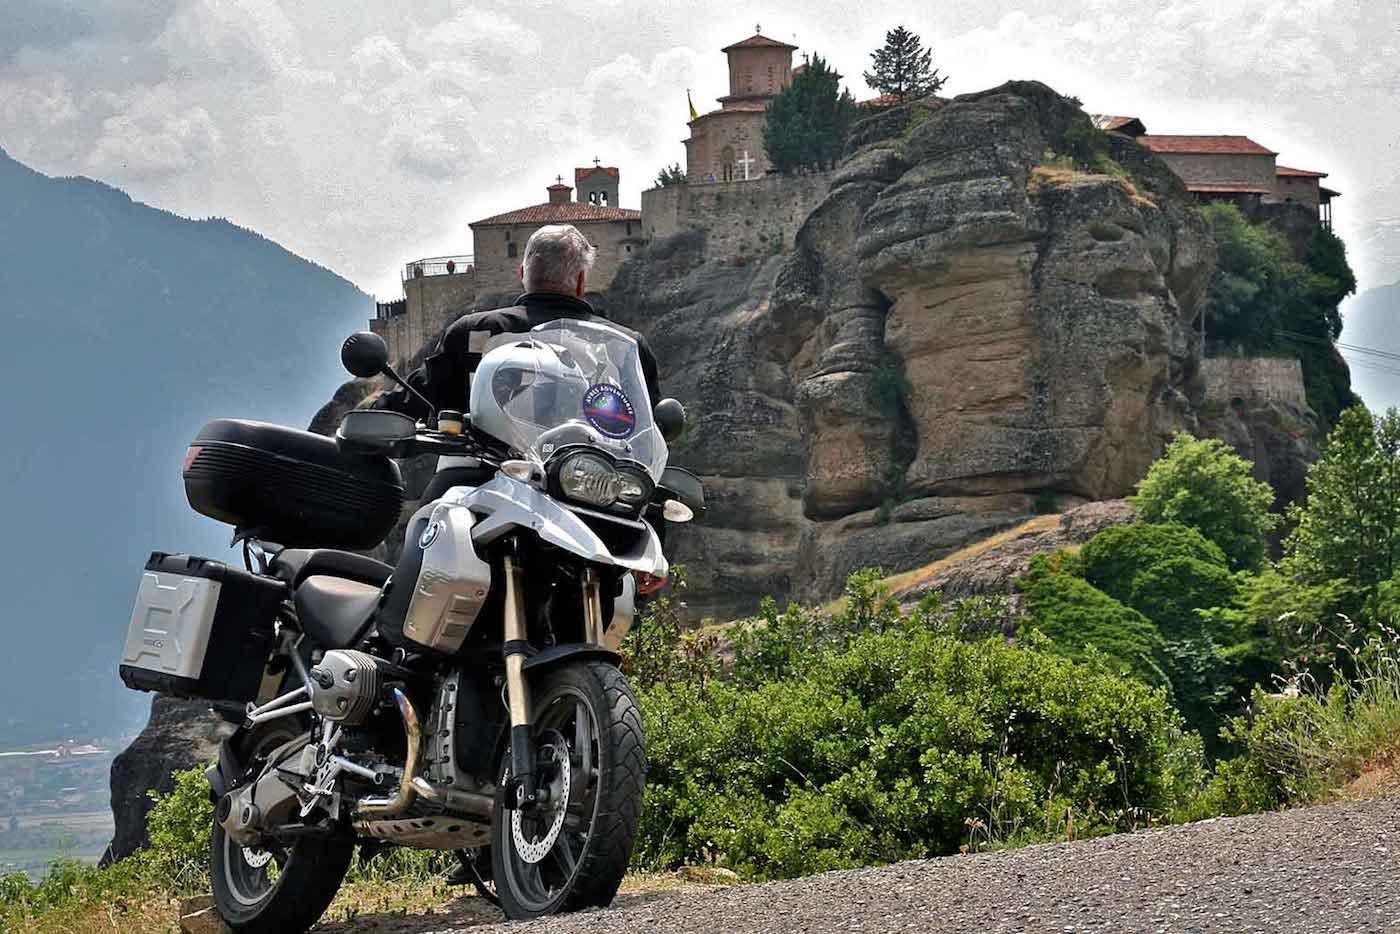 Le top 5 destinazioni europee per i motociclisti